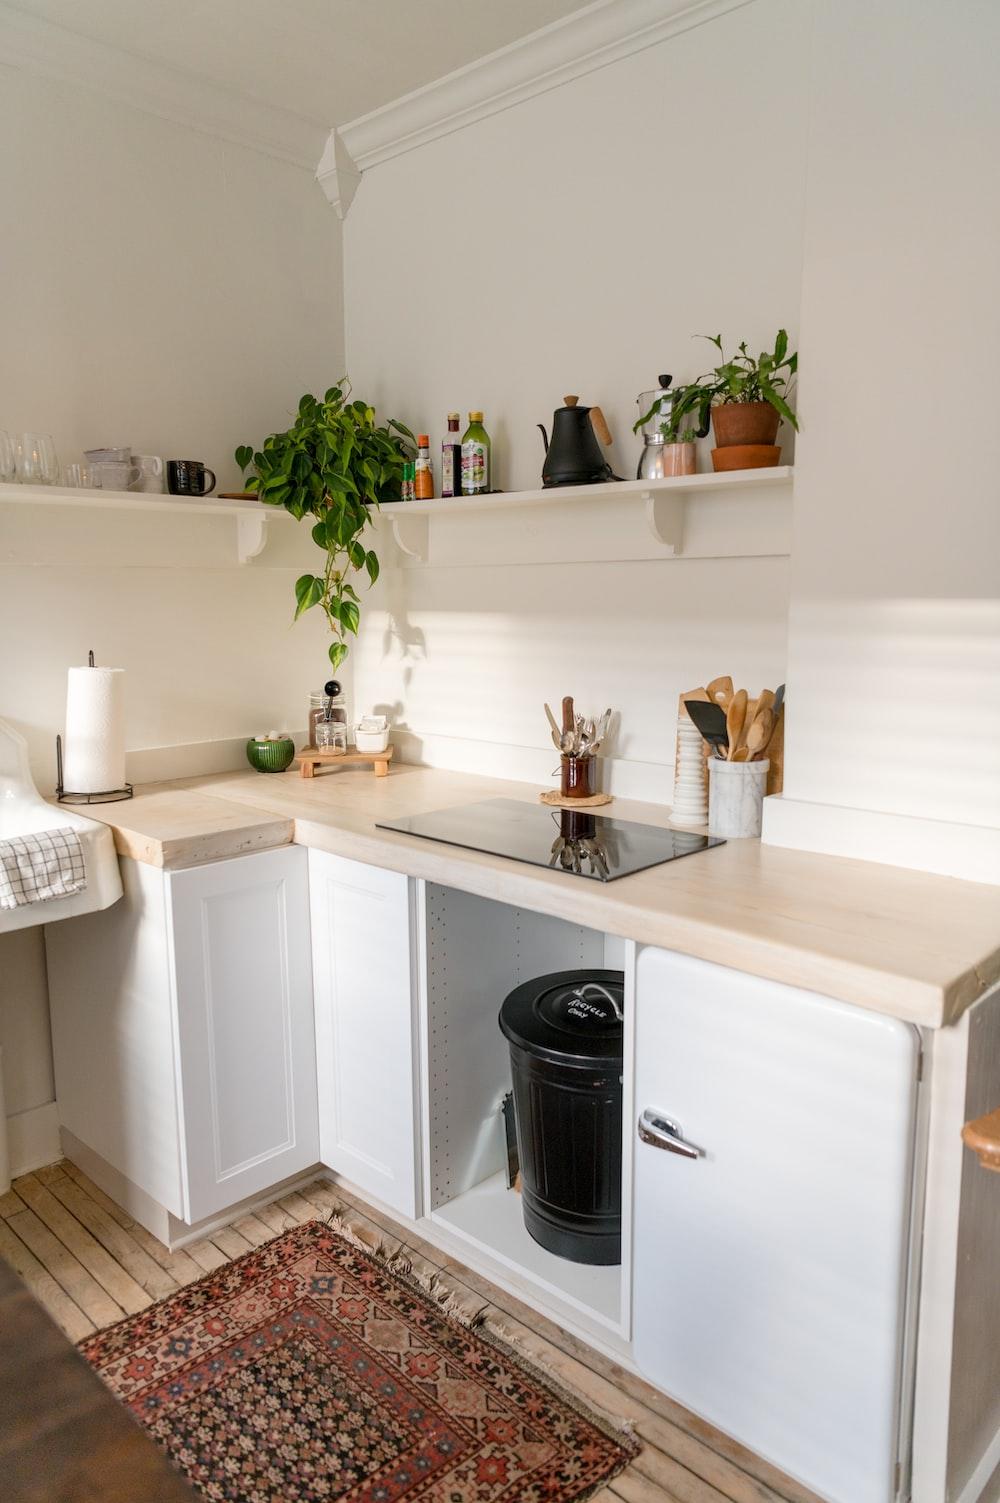 green plant on white wooden shelf